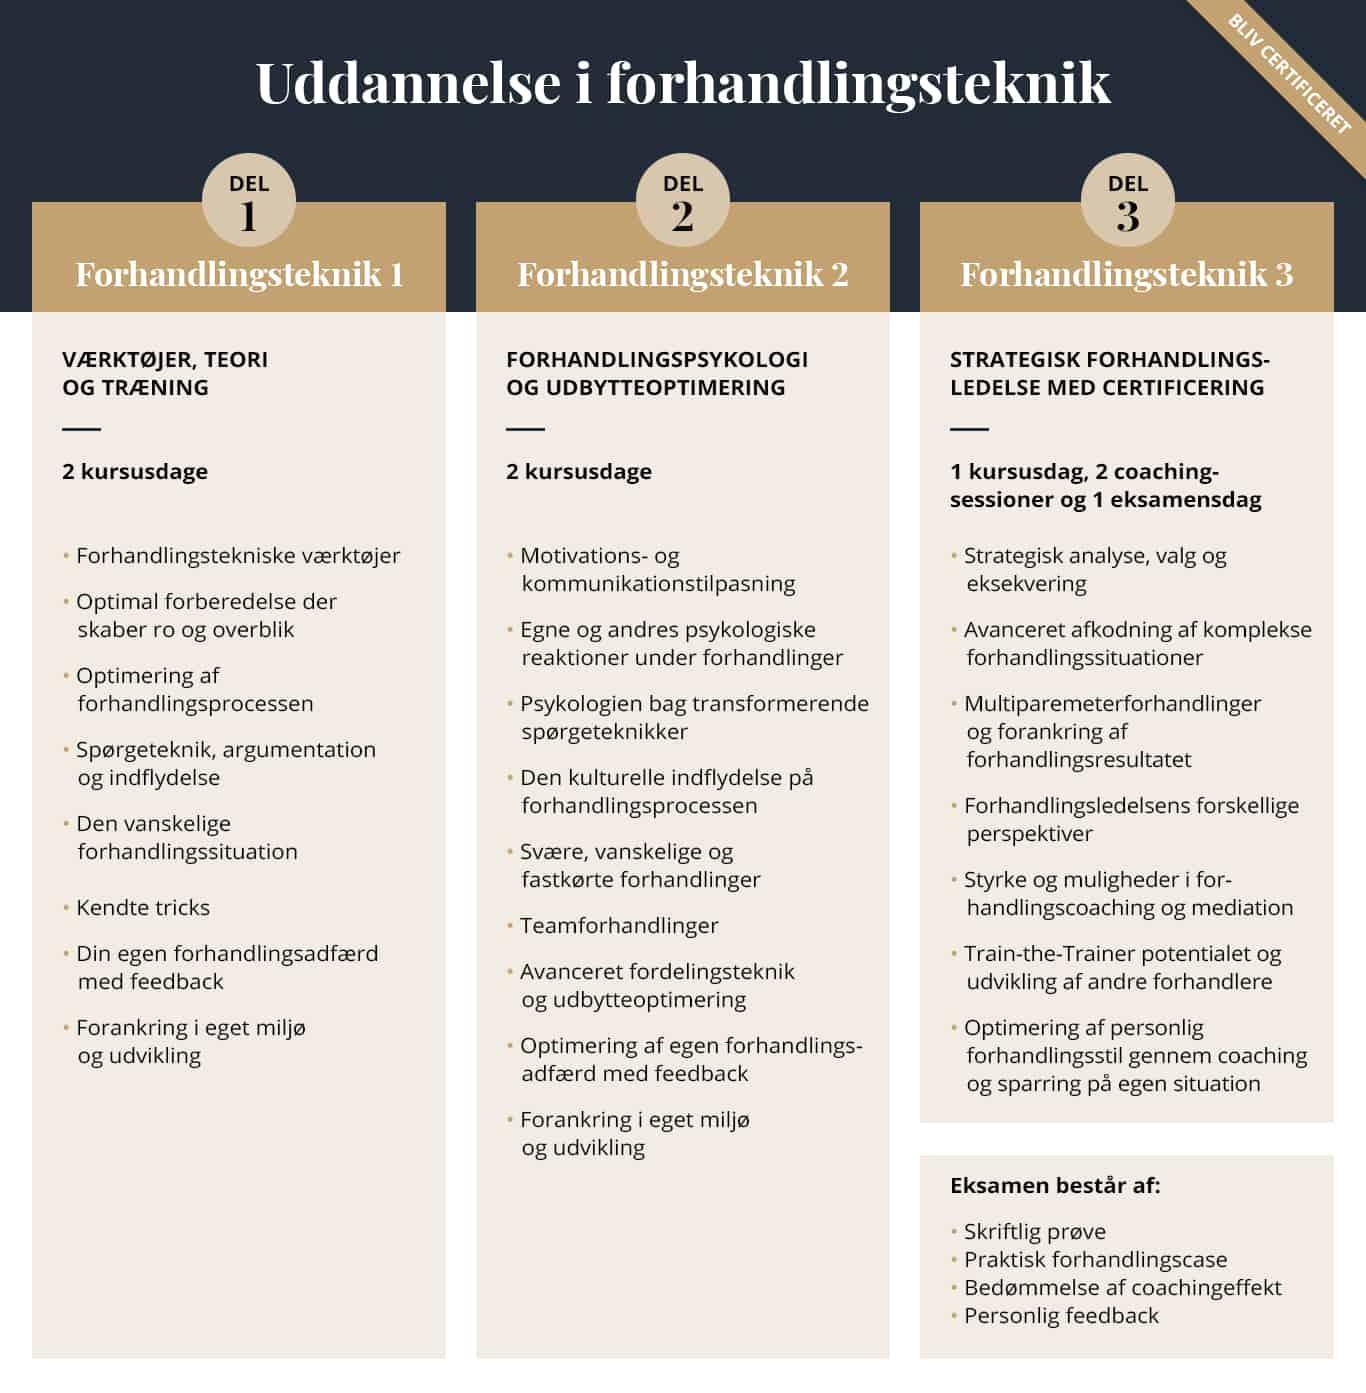 Uddannelse i forhandlingsteknik med certificering